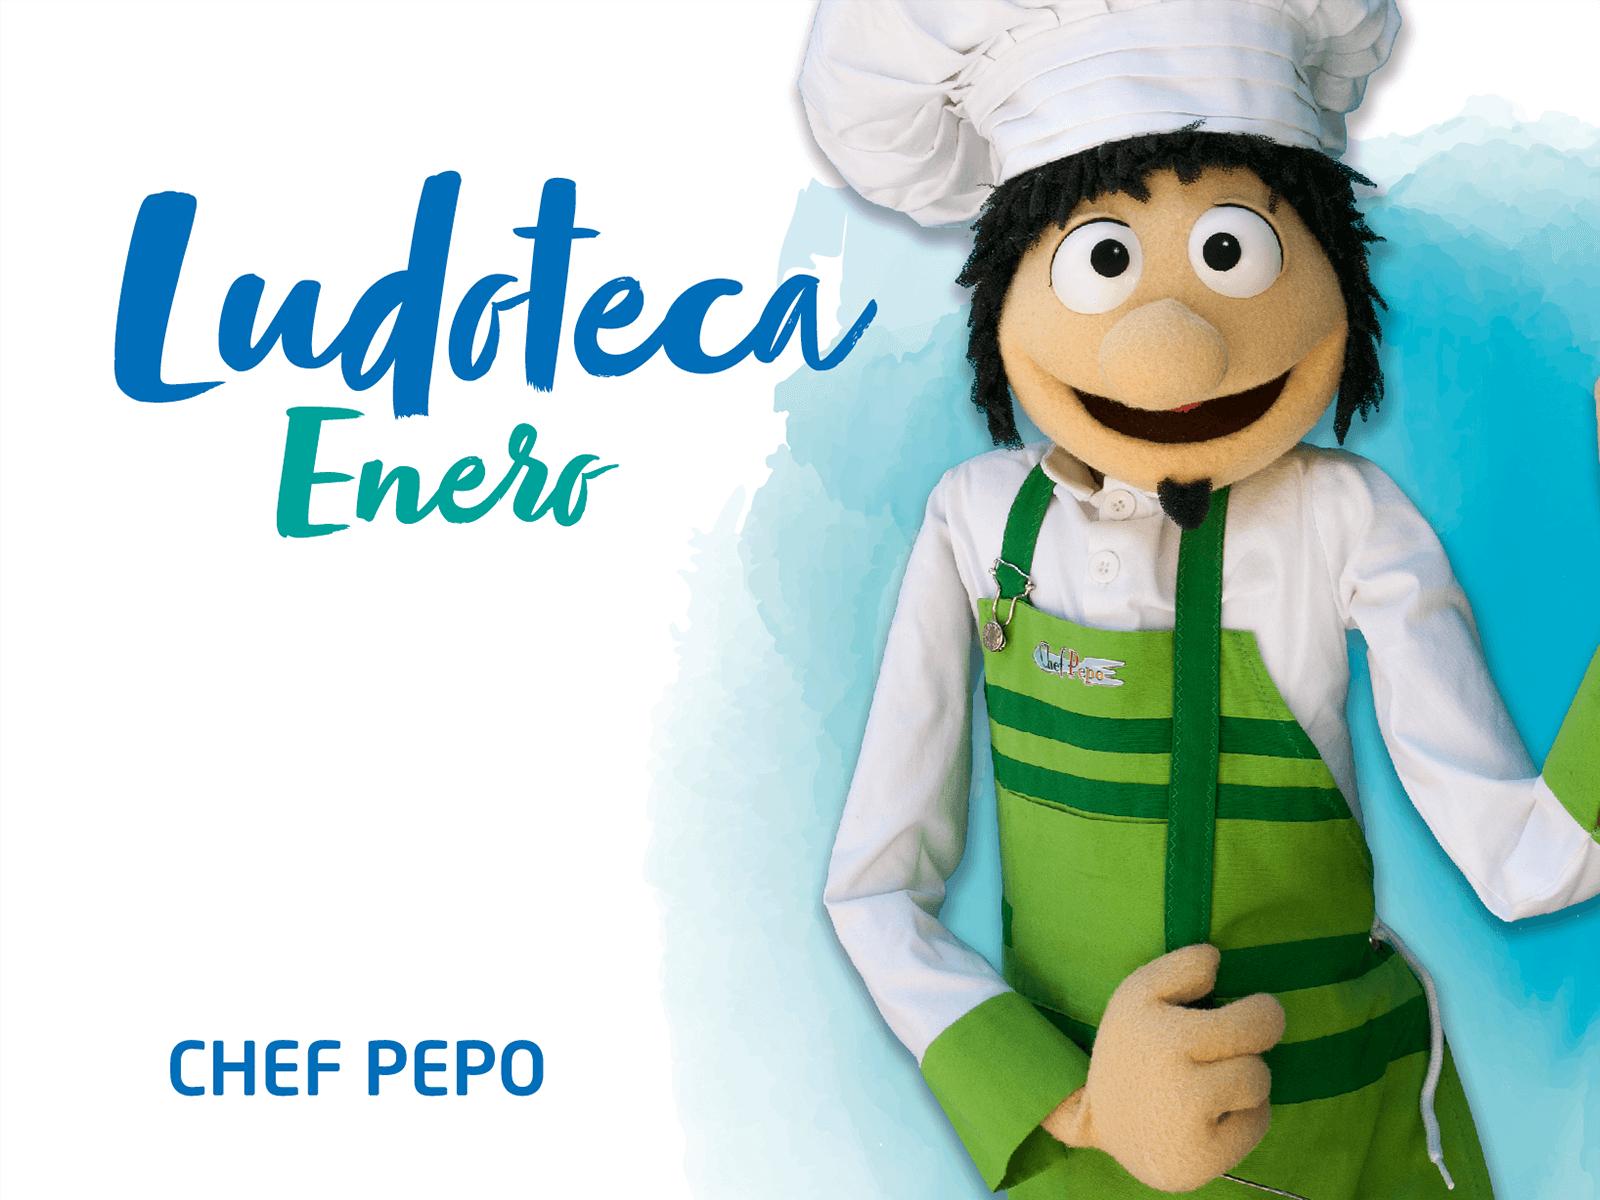 Ludoteca Chef Pepo Enero